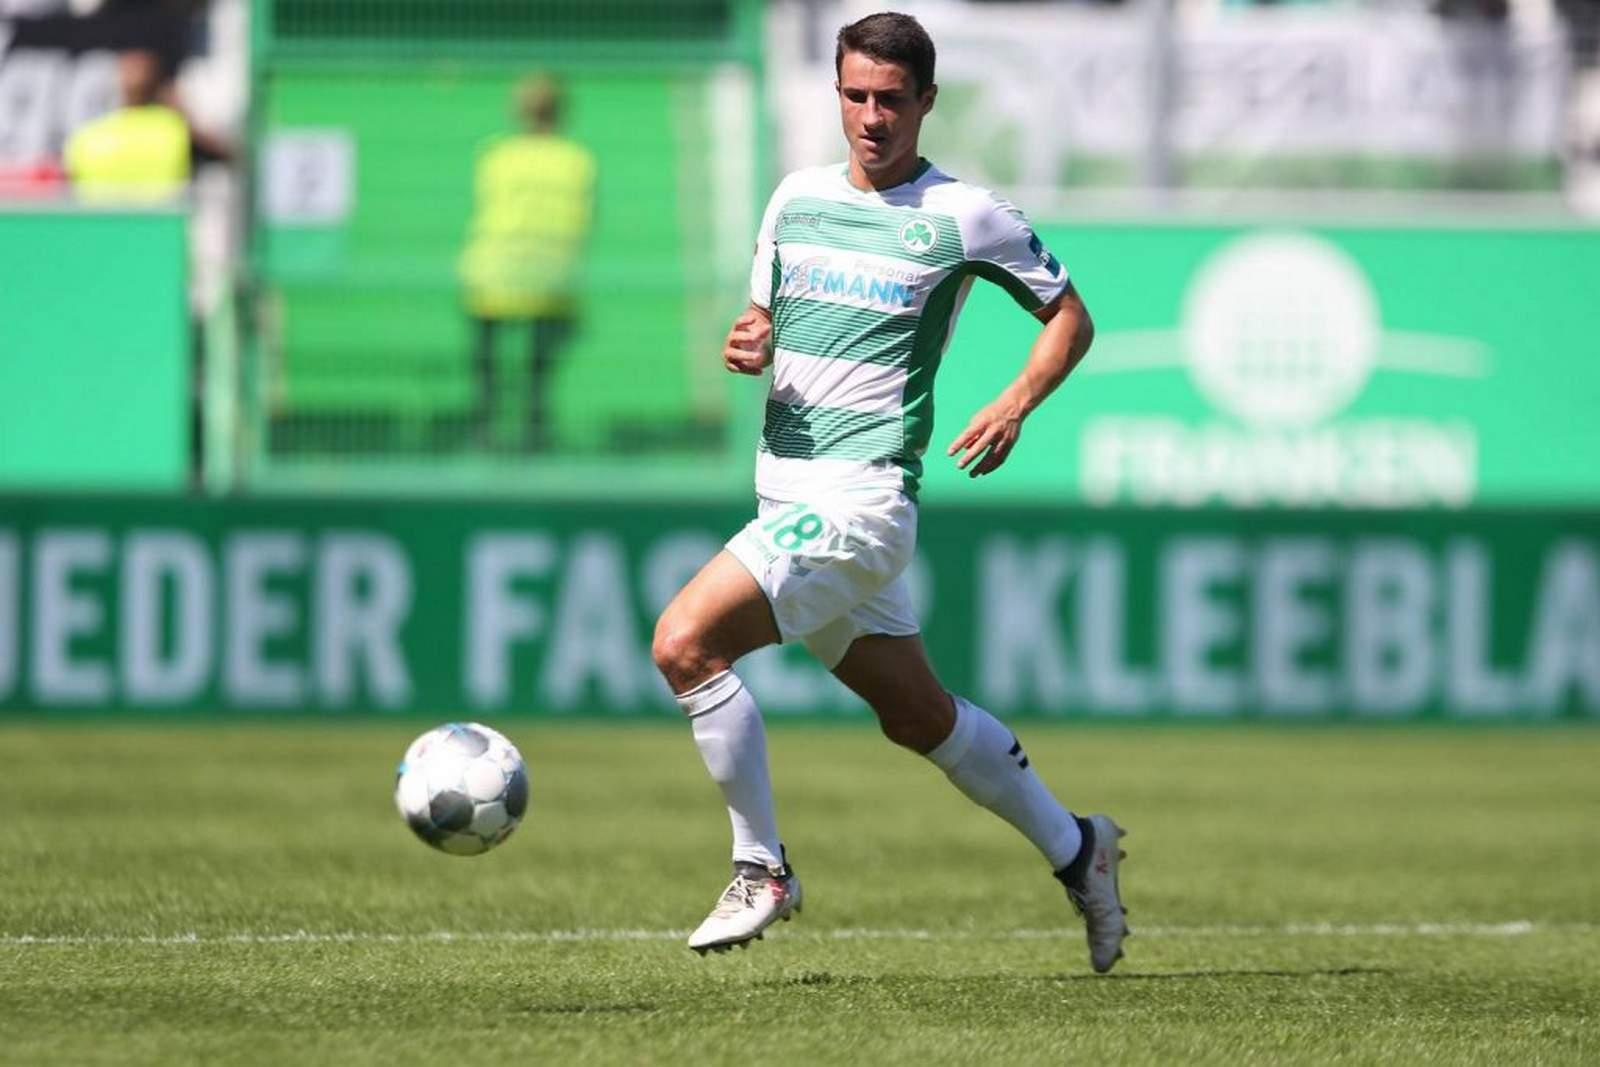 Marco Meyerhöfer von Greuther Fürth